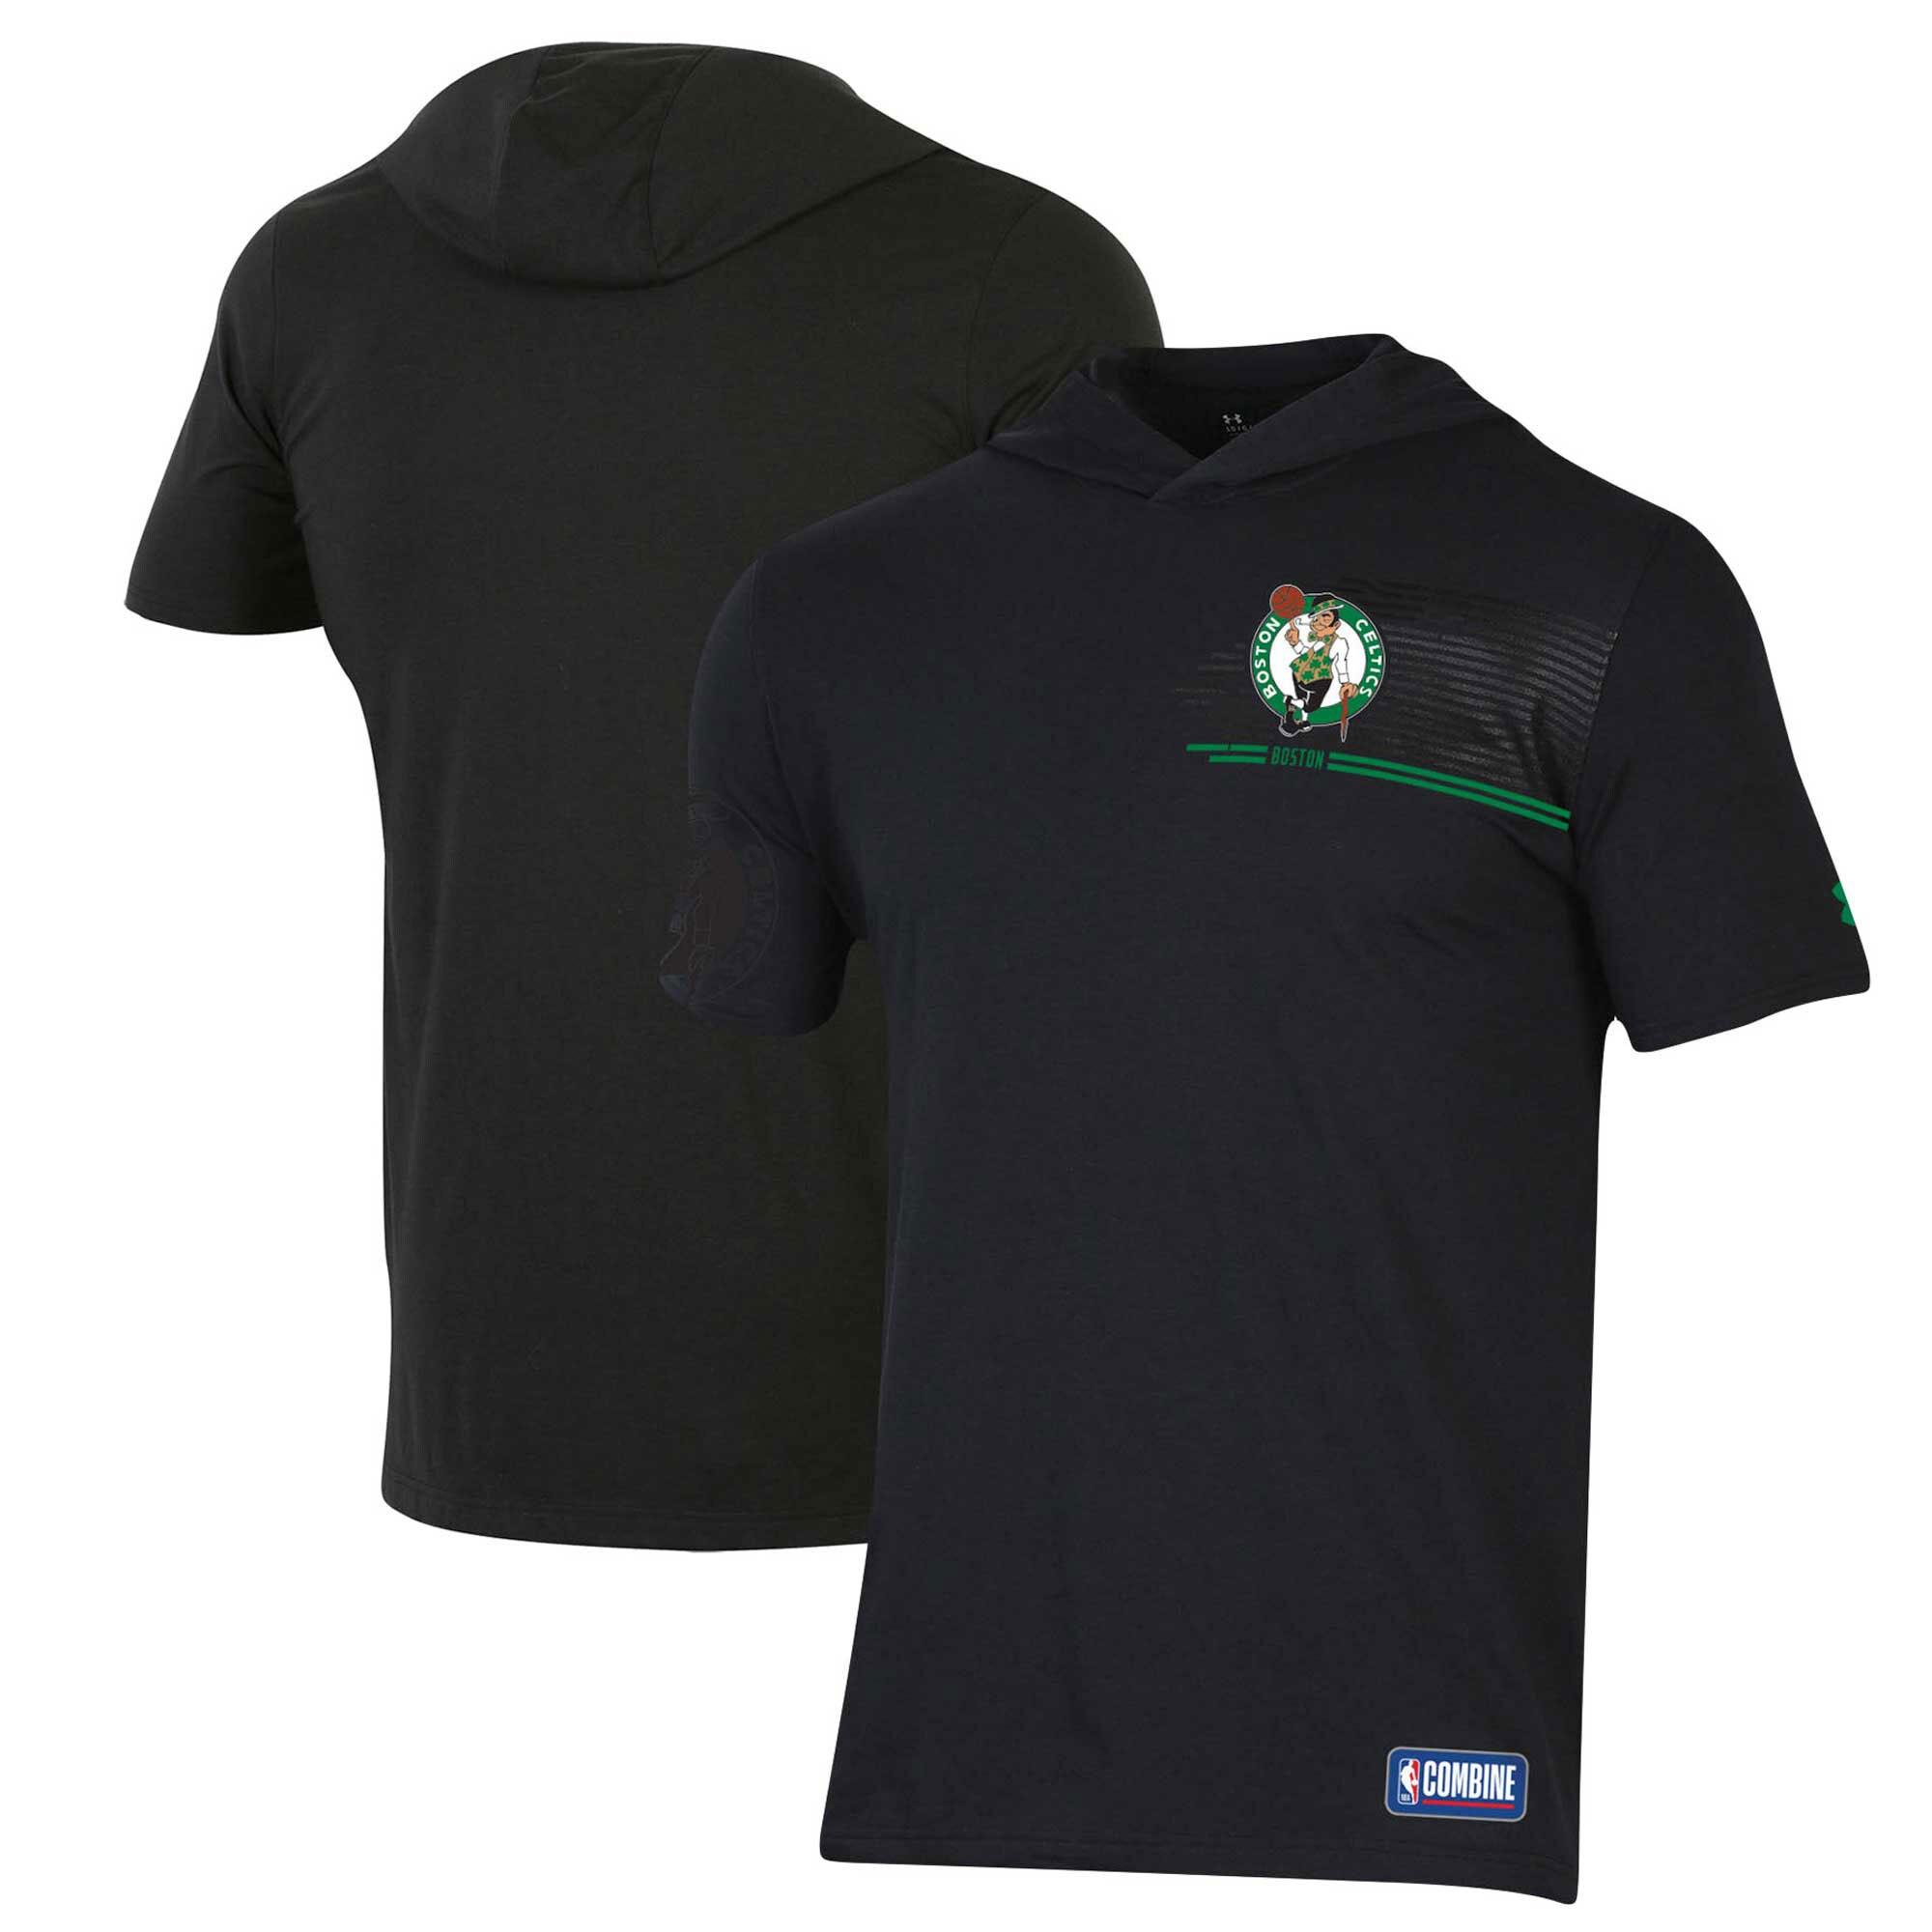 Boston Celtics Under Armour Combine Authentic Baseline Hoodie Performance T-Shirt - Black